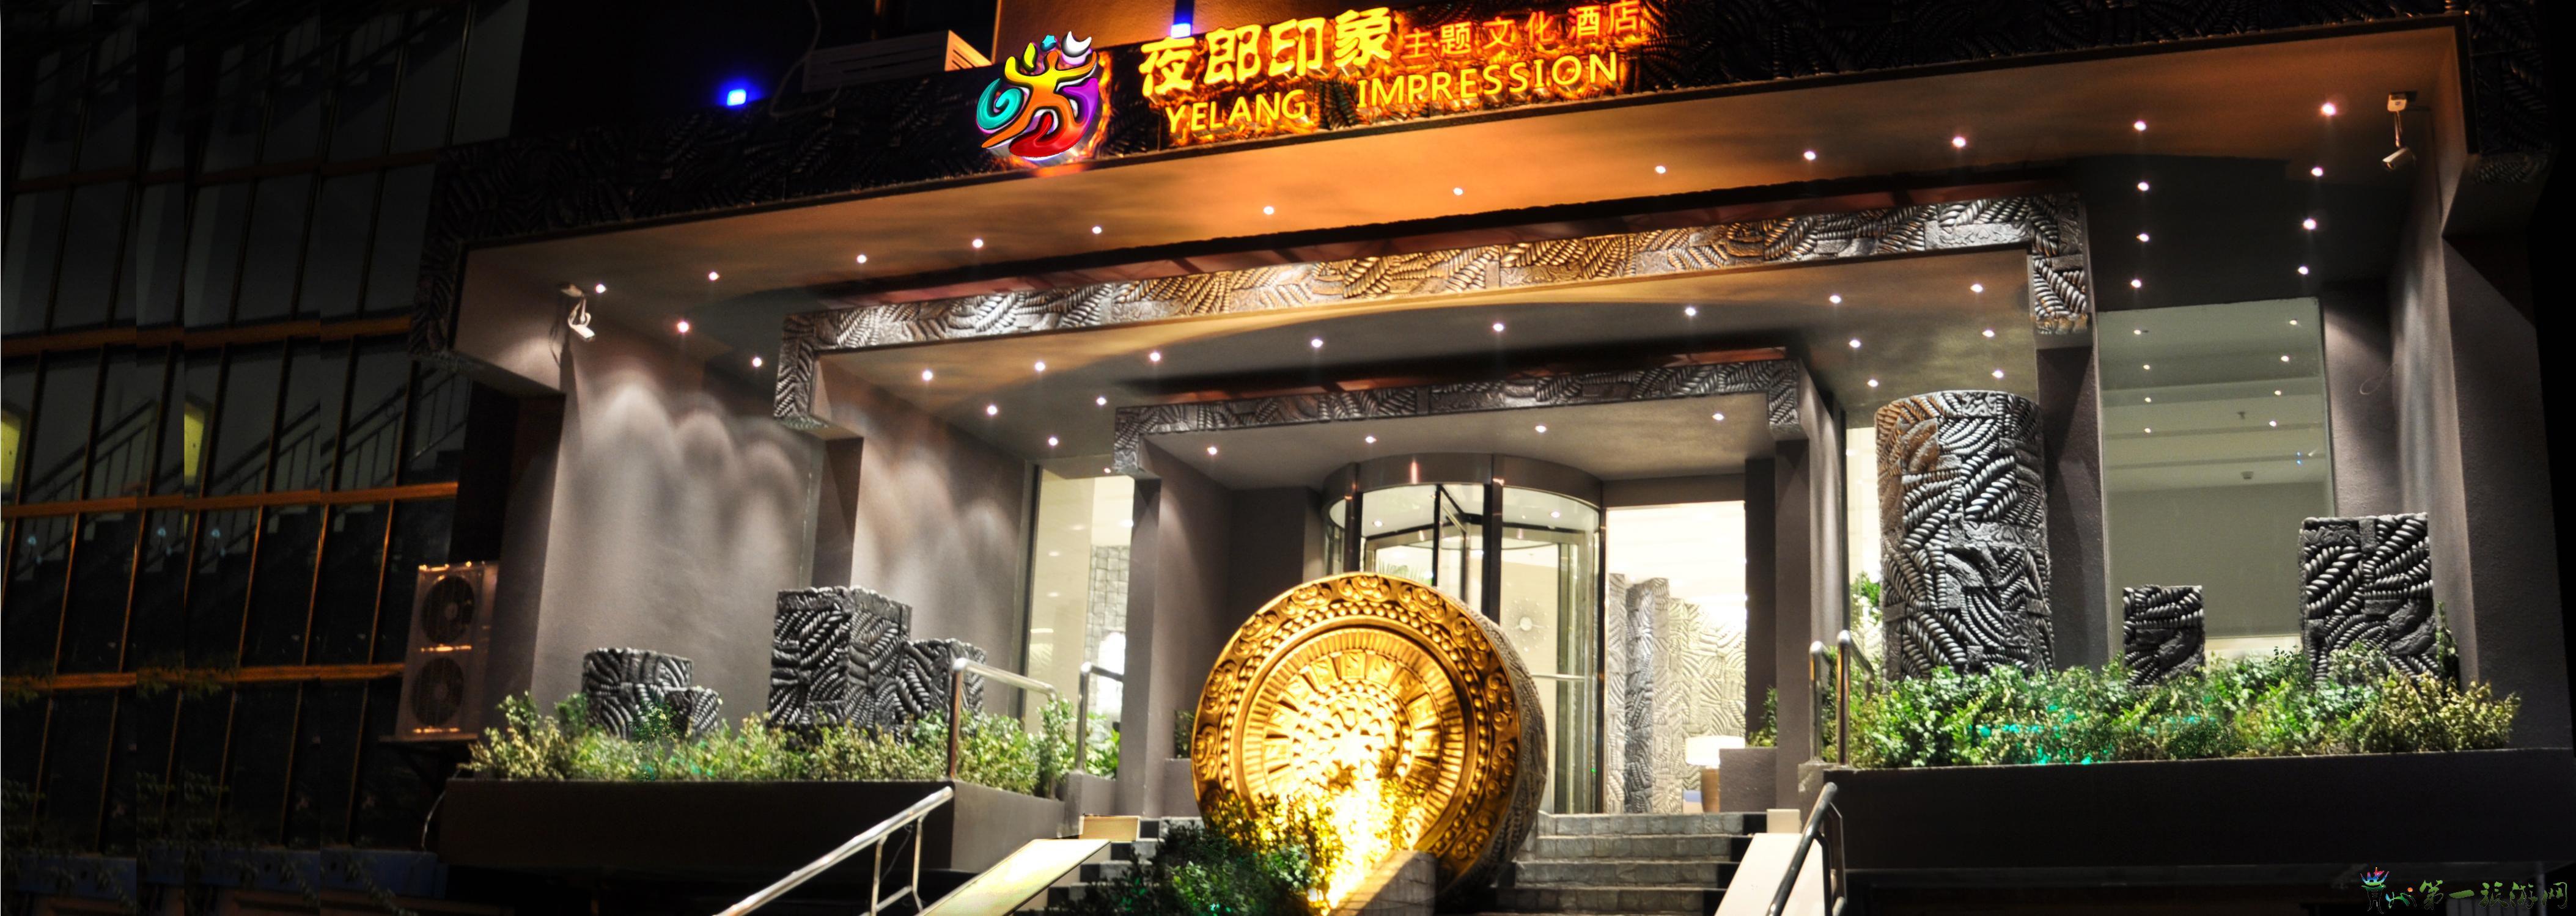 贵阳夜郎印象主题文化酒店